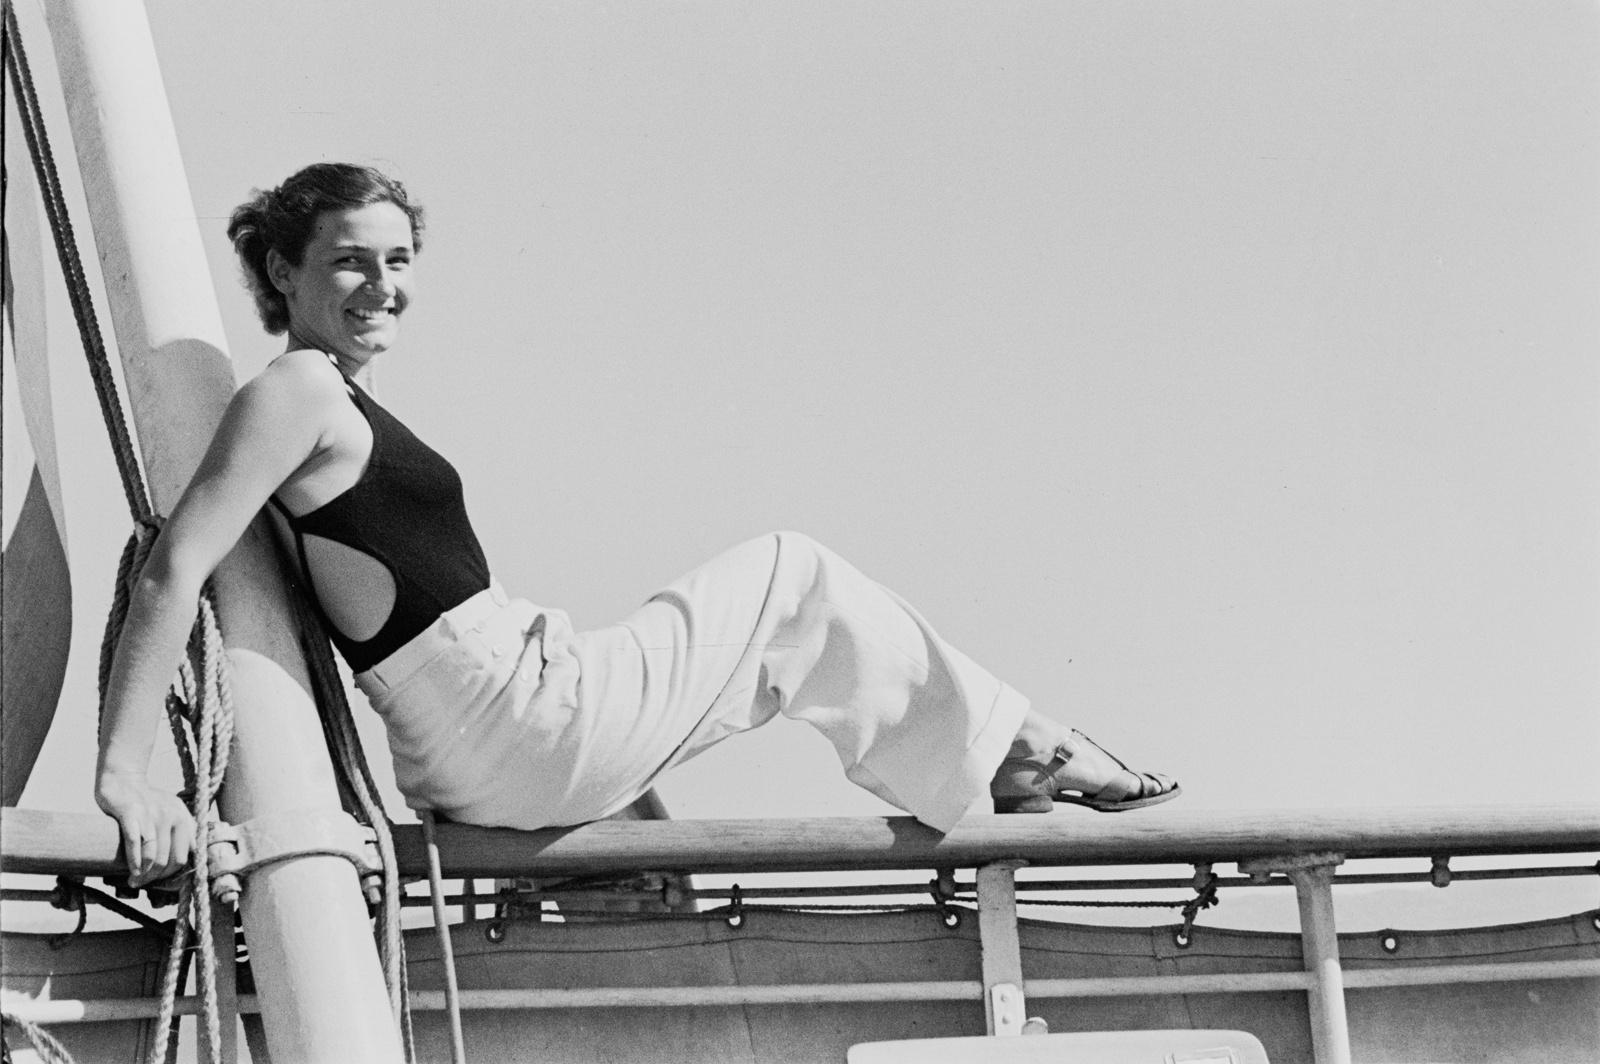 Молодая женщина, сидящая на перилах